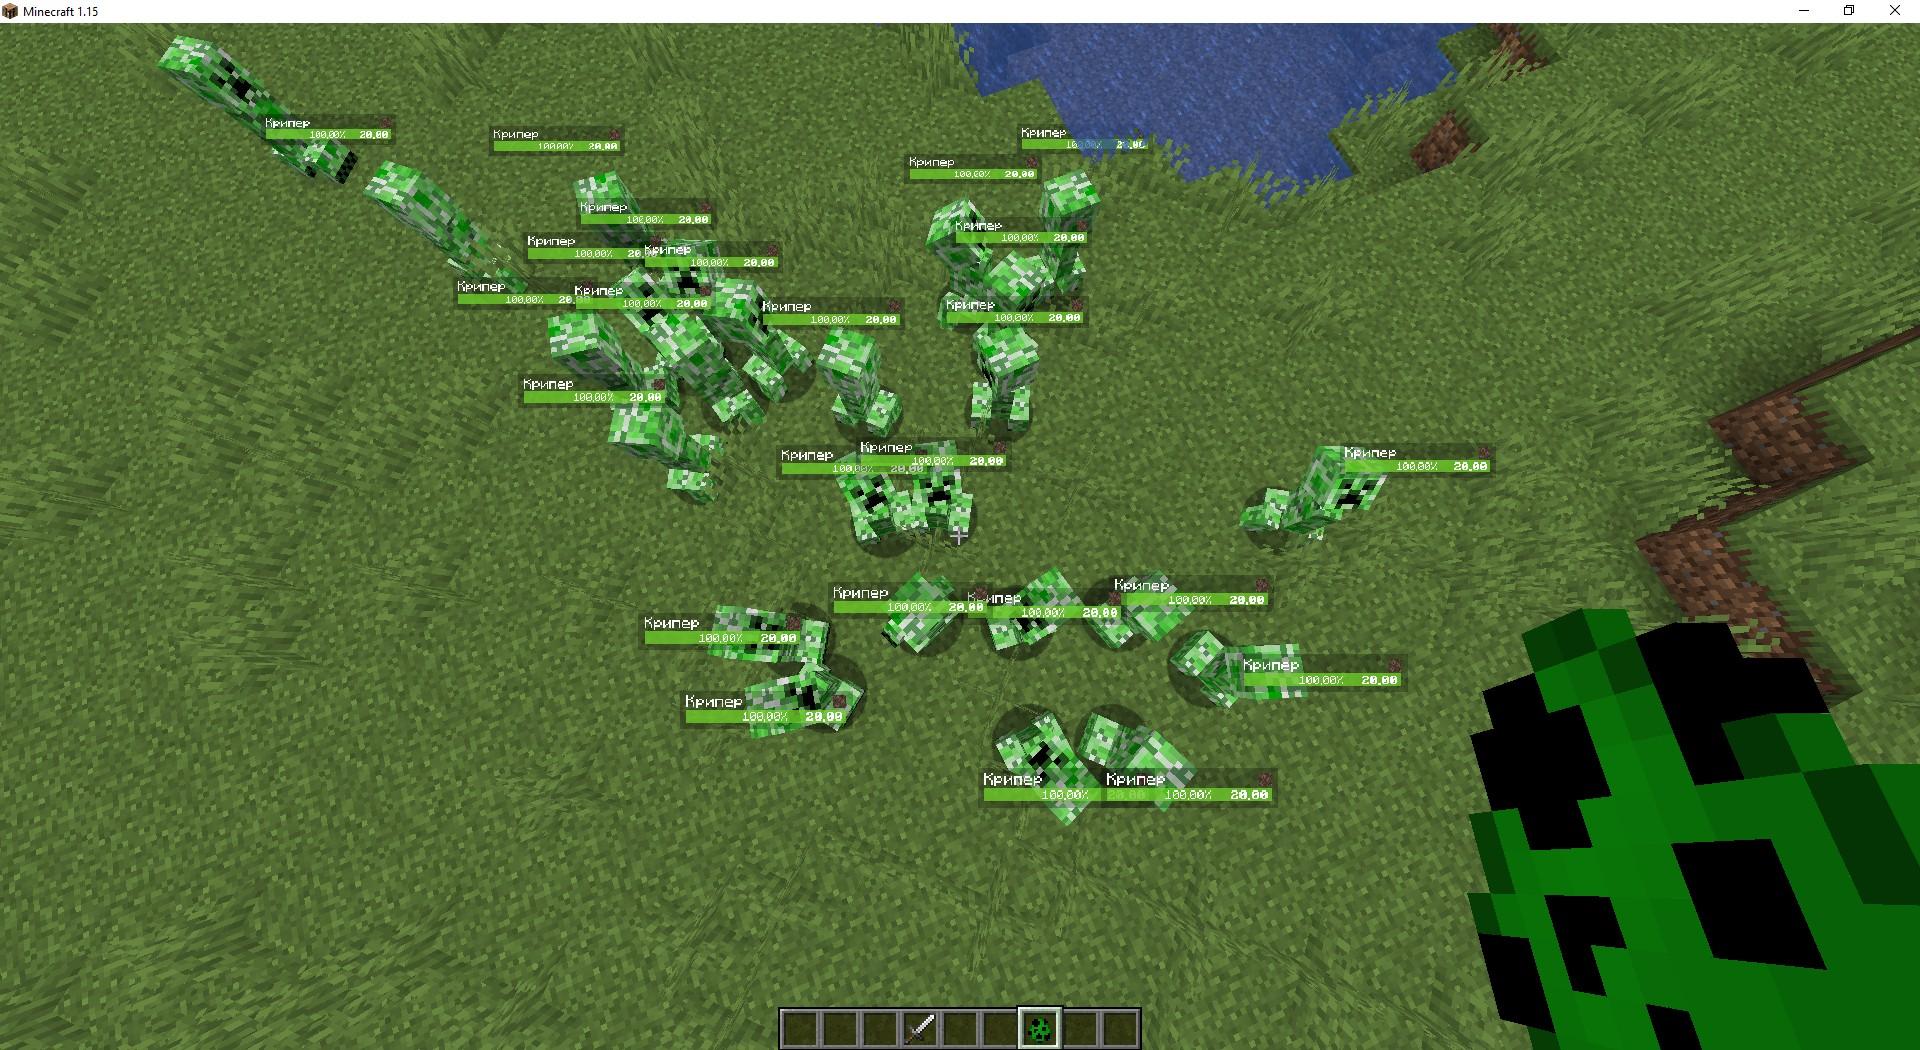 Мод Orderly— отображение здоровья - скриншот 1